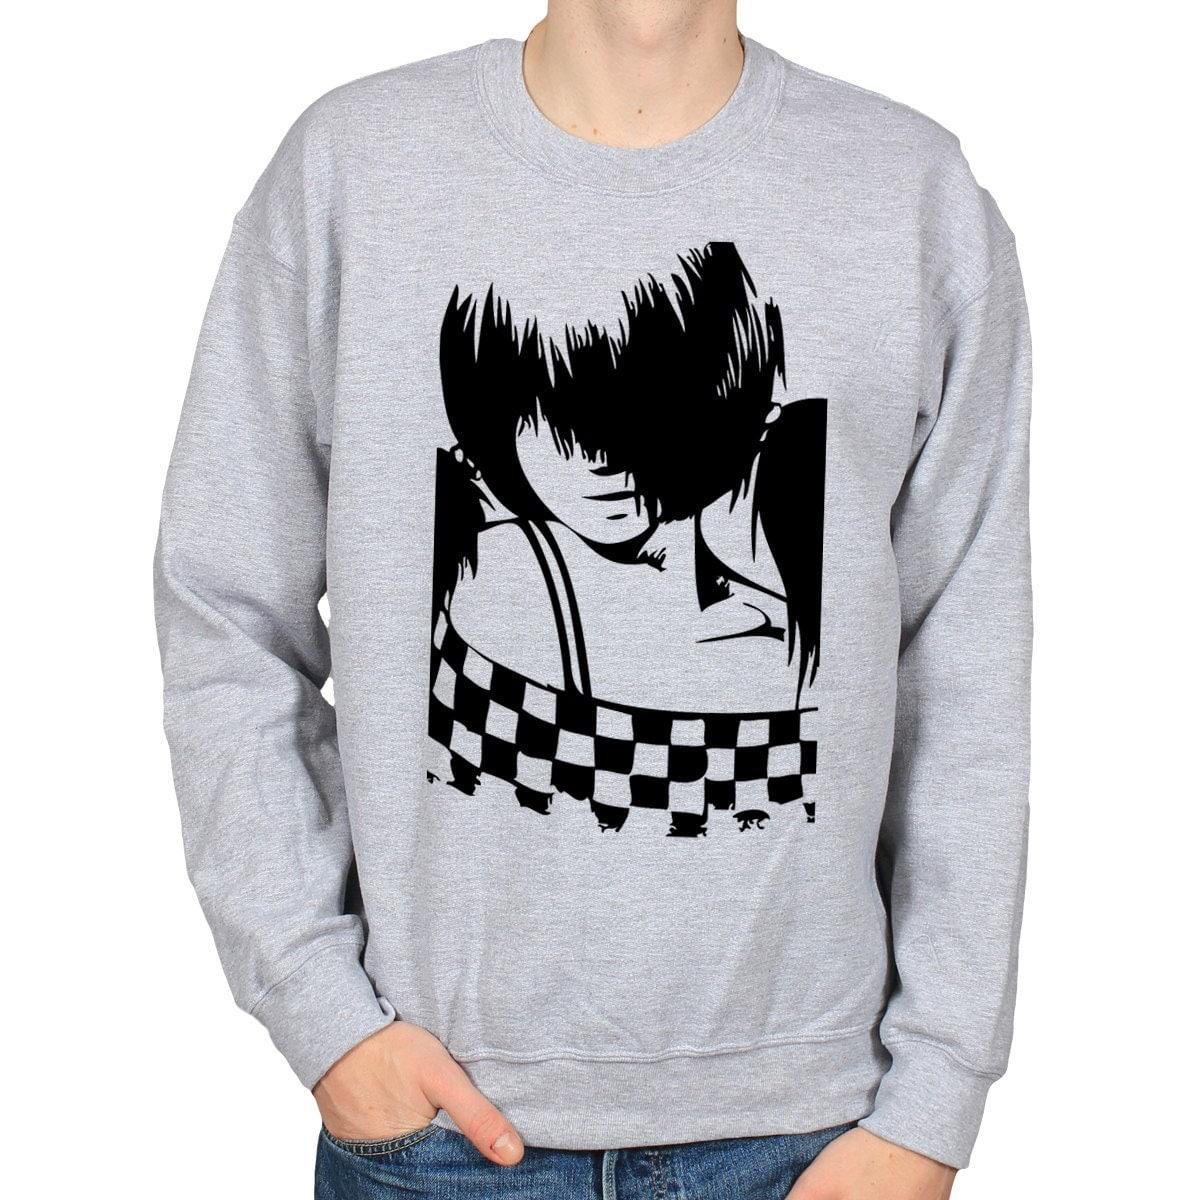 Emo Anime Girl Sweater Two Tone Crewneck By WhiteoutFashion